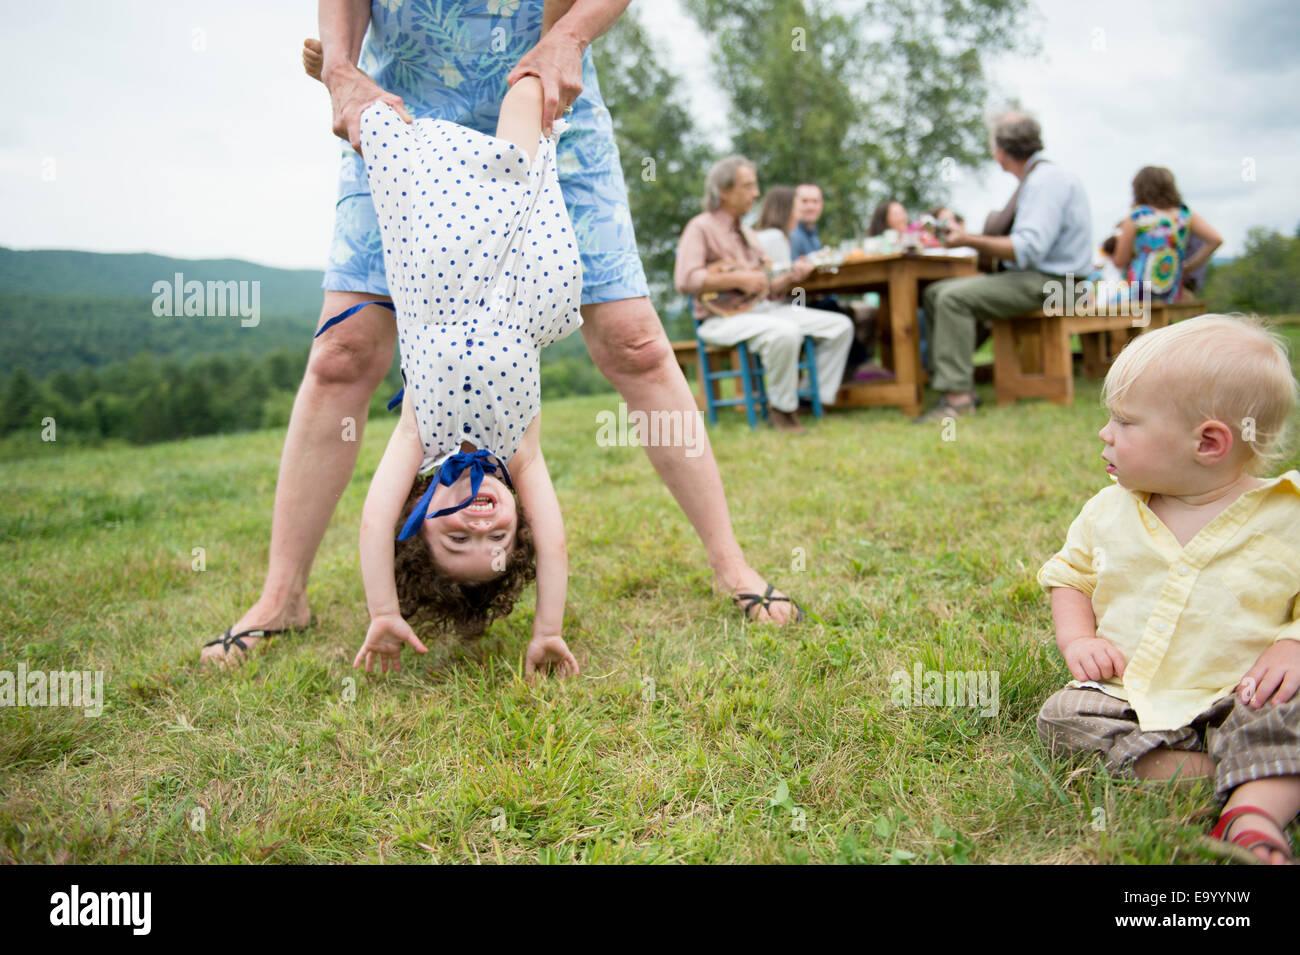 Weibliche Familienmitglied Kleinkind spielerisch Beine bei Familientreffen, im Freien halten Stockfoto